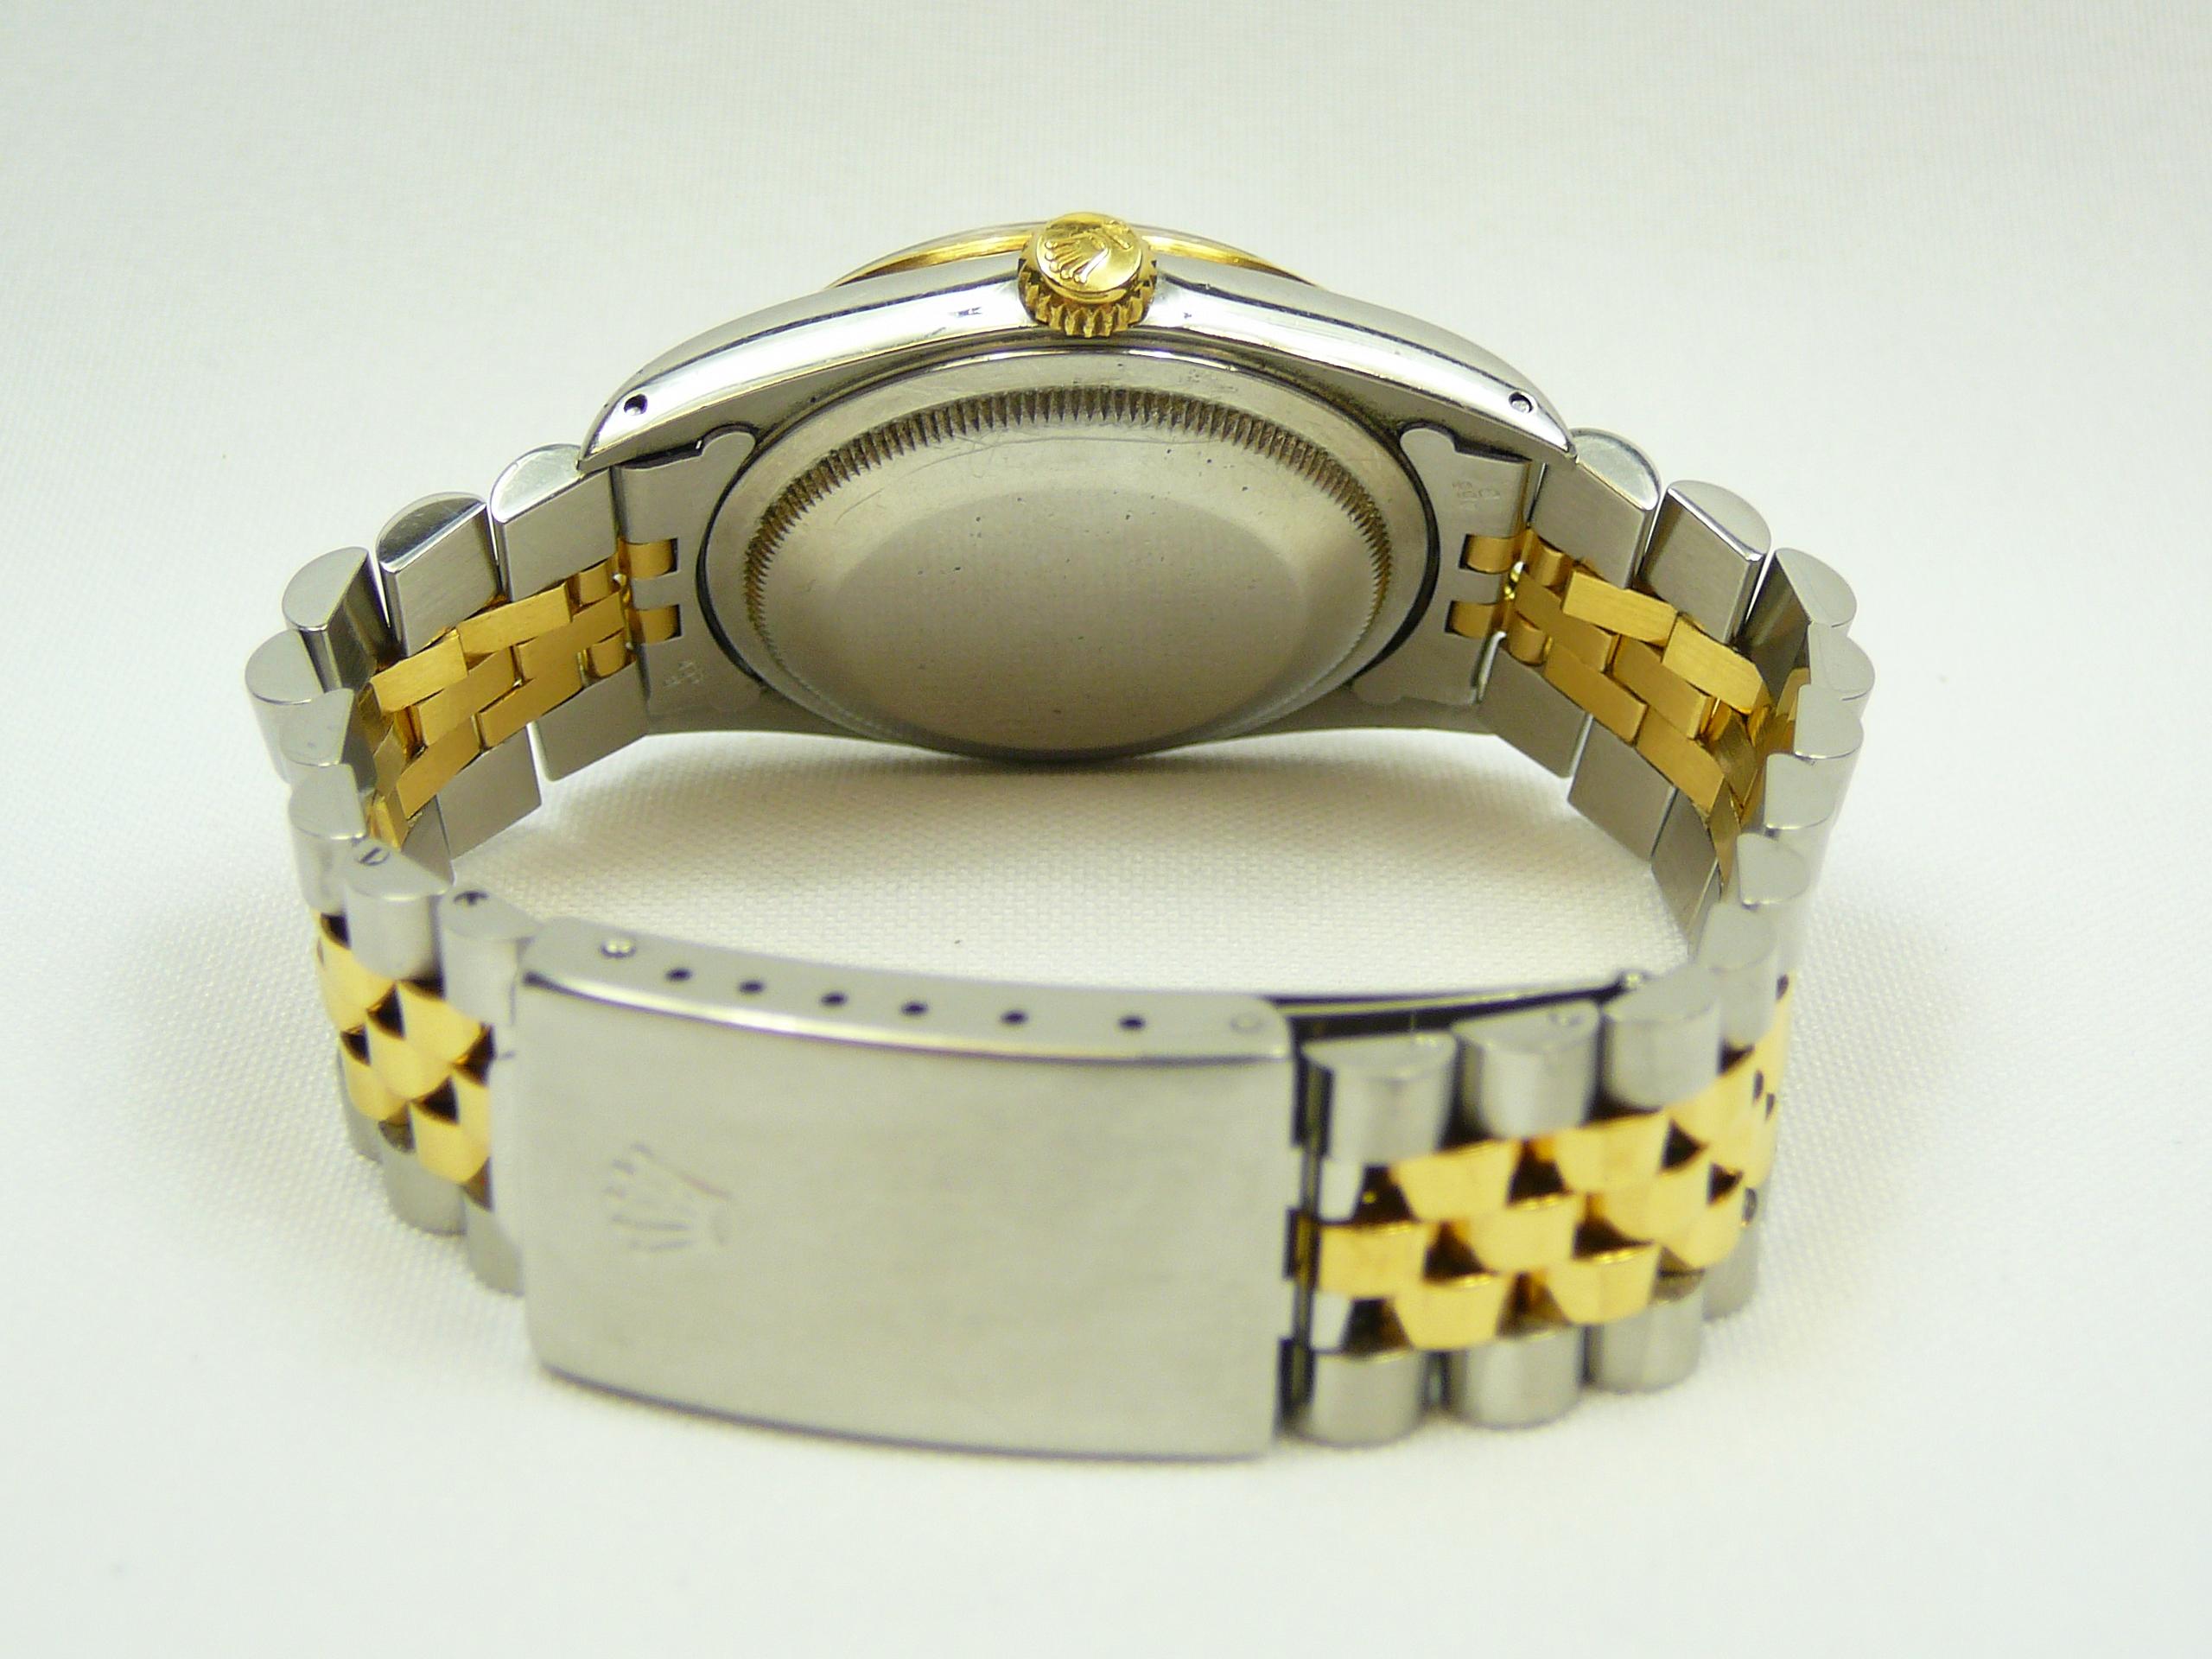 Gents Rolex Wrist Watch - Image 5 of 6